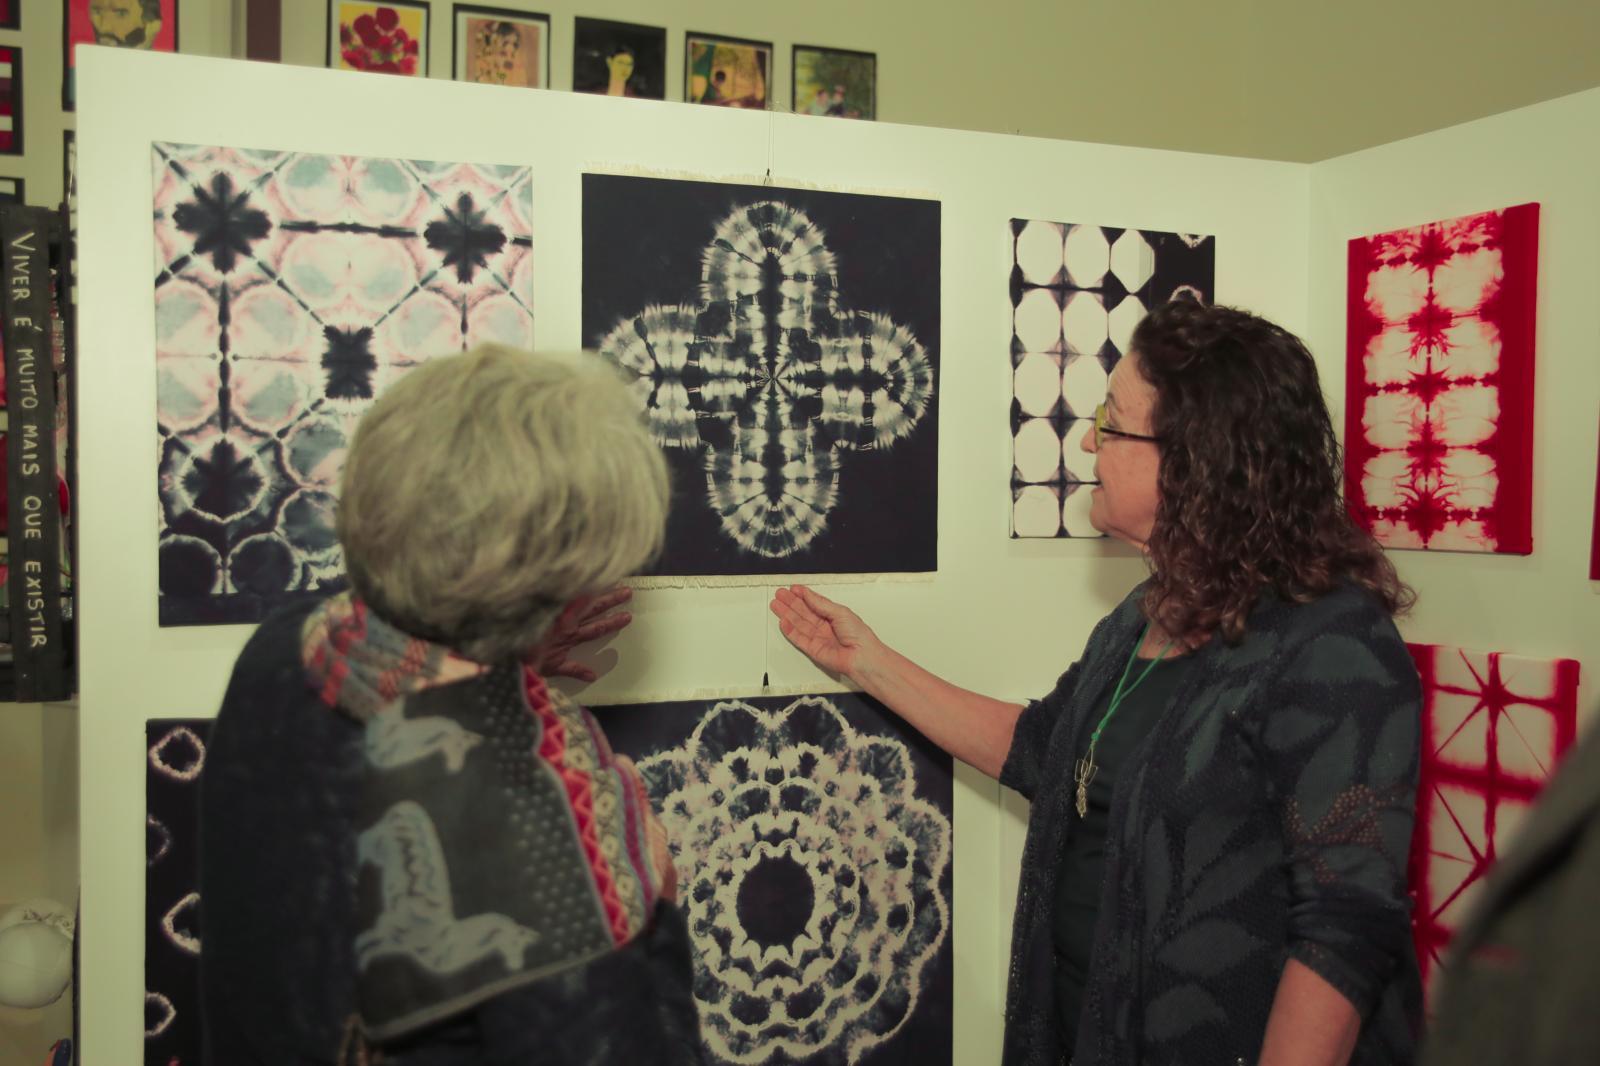 7ª Mostra dos trabalhos dos alunos dos cursos de Artes Visuais e Design de Interiores reúne criatividade e expressão